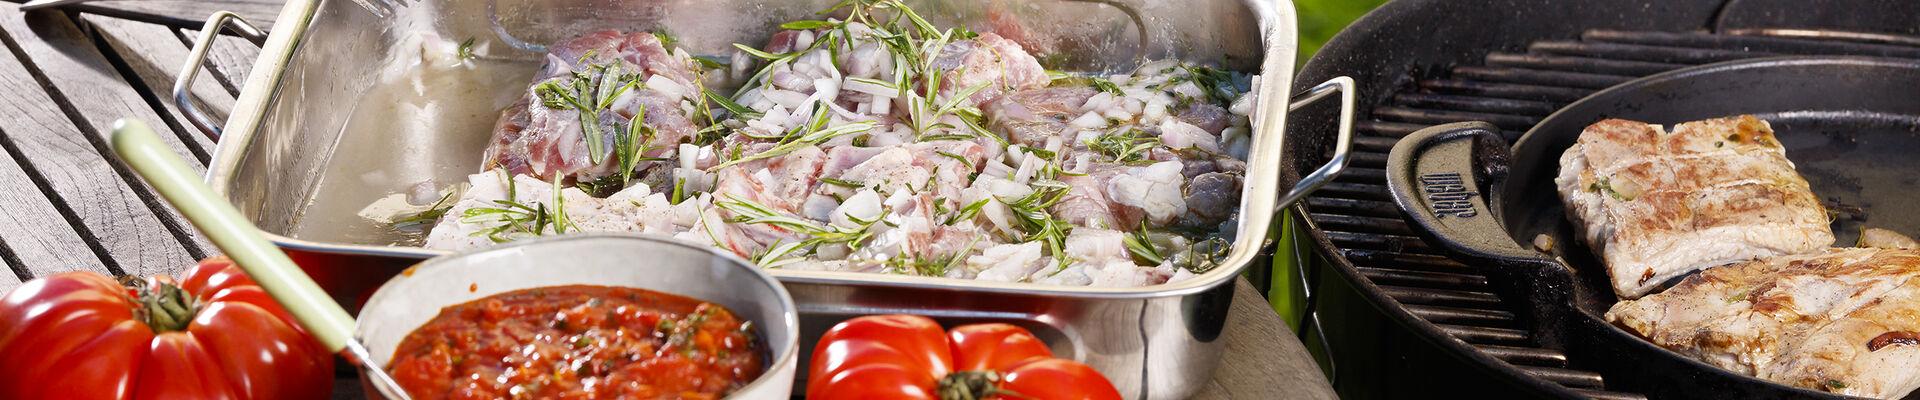 Travers de porc au barbecue marinés au vin blanc